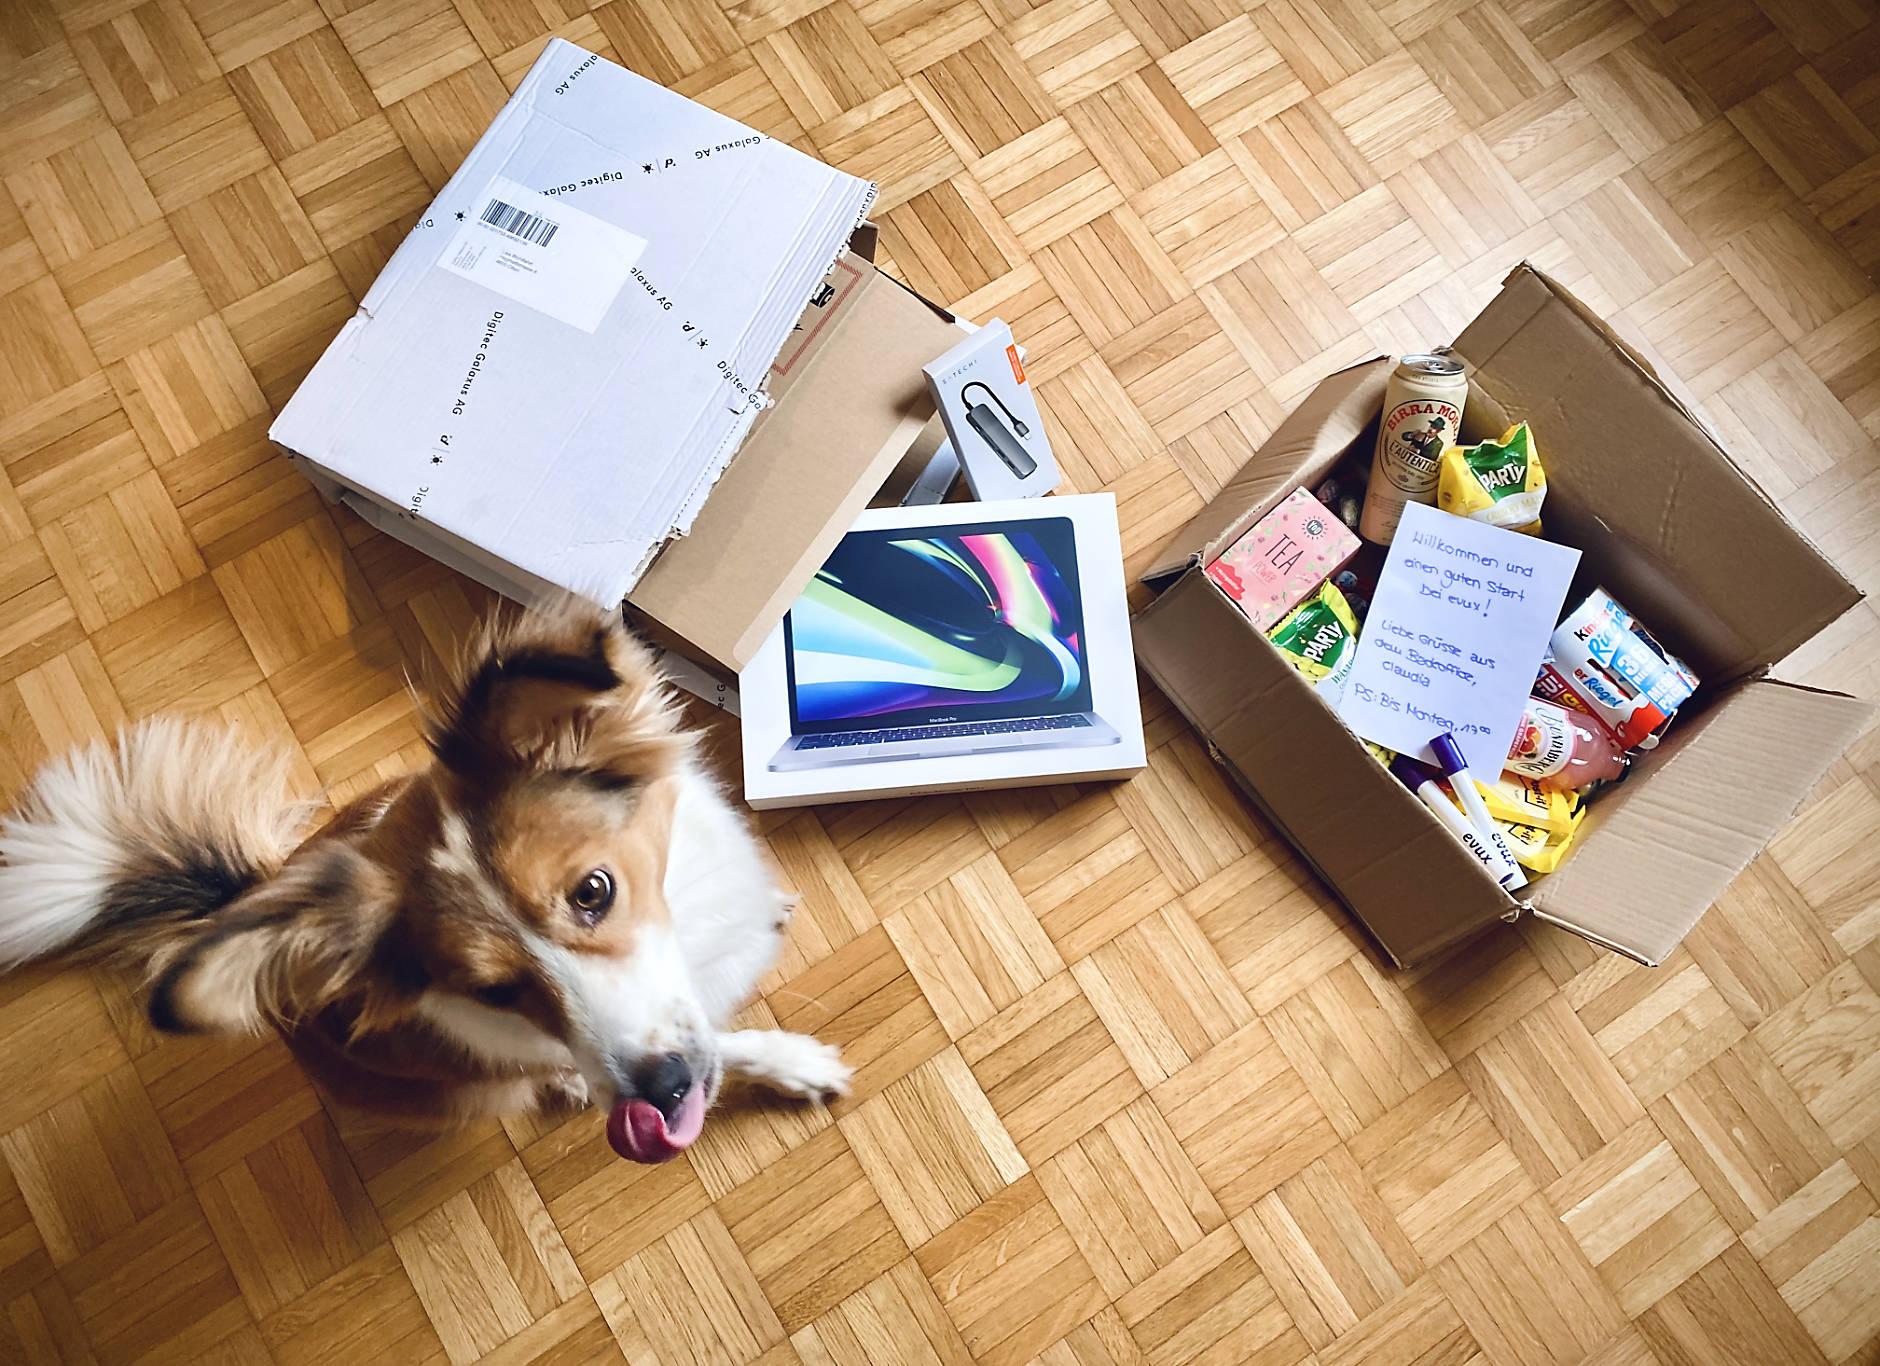 Hund, Laptop und Karton